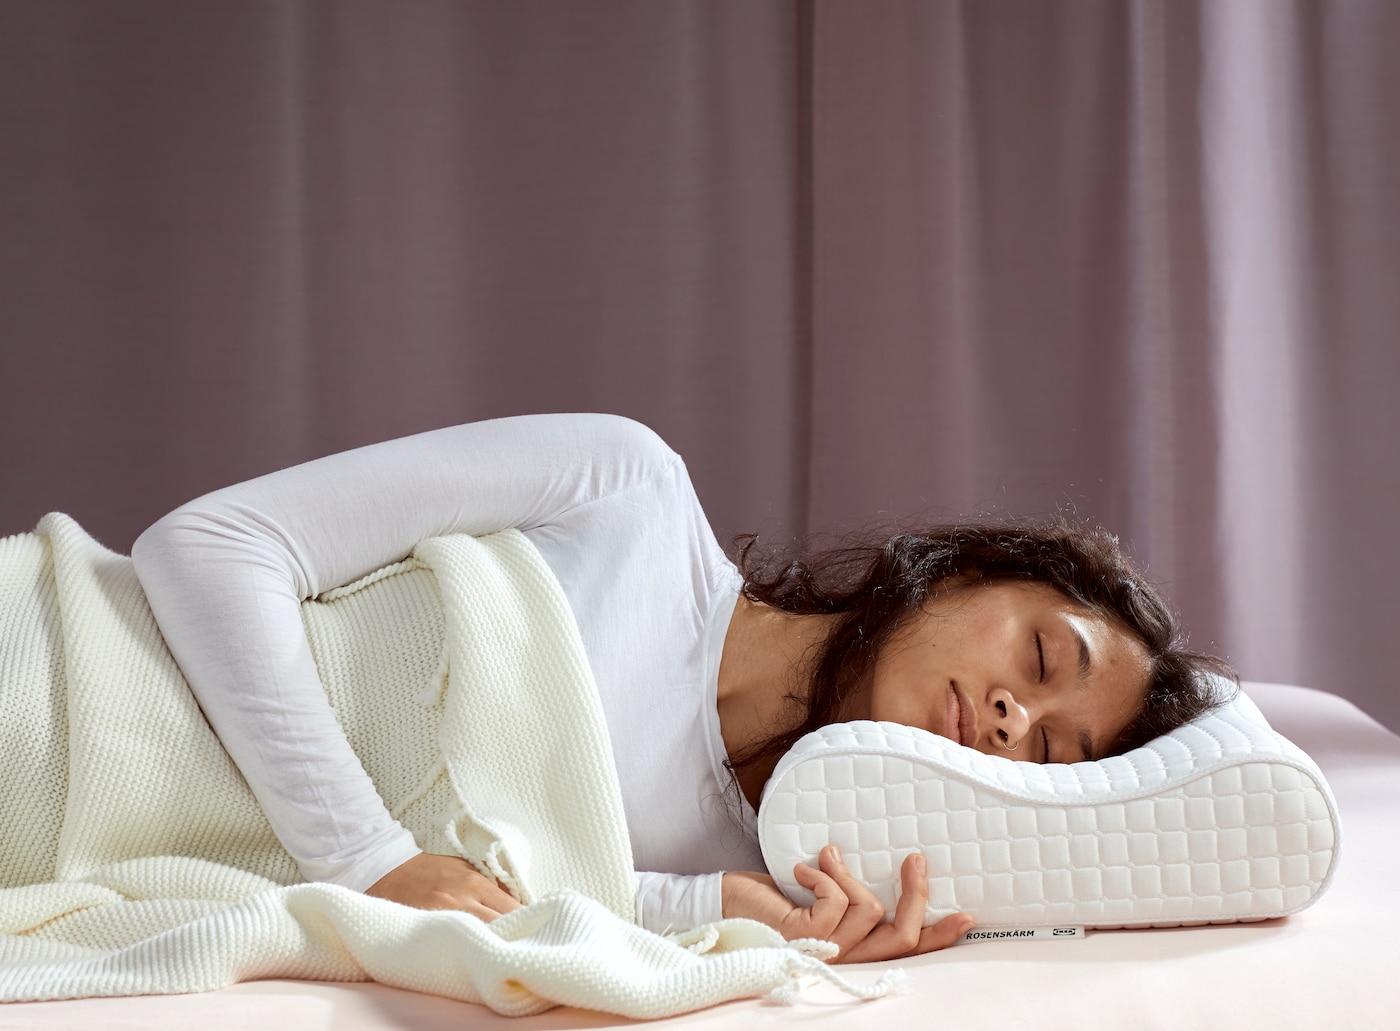 Женщина с каштановыми волосами в белой рубашке спит под белым одеялом на эргономичной подушке РОЗЕНСКЭРМ.